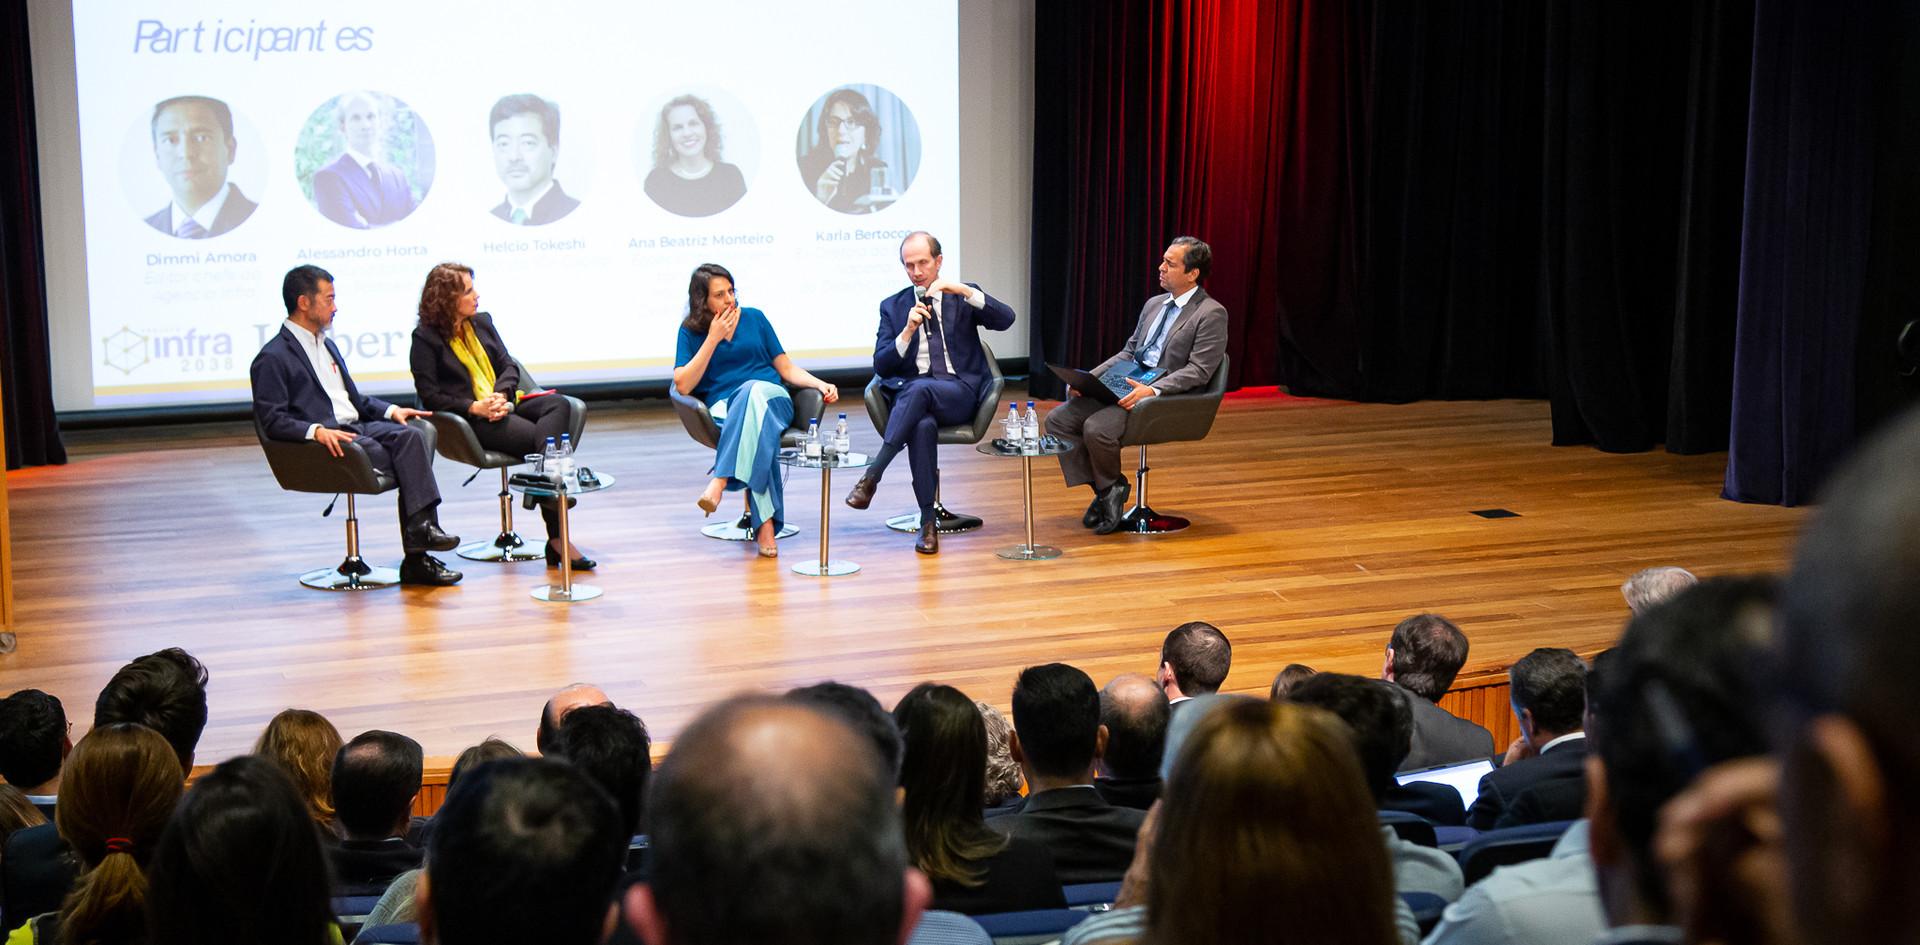 Participantes Mesa 02 - Regulação e Modelagem. Helcio Tokeshi, ana Beatriz Monteiro, Karla Bertocco , Alessandro Horta, Dimmi Amora